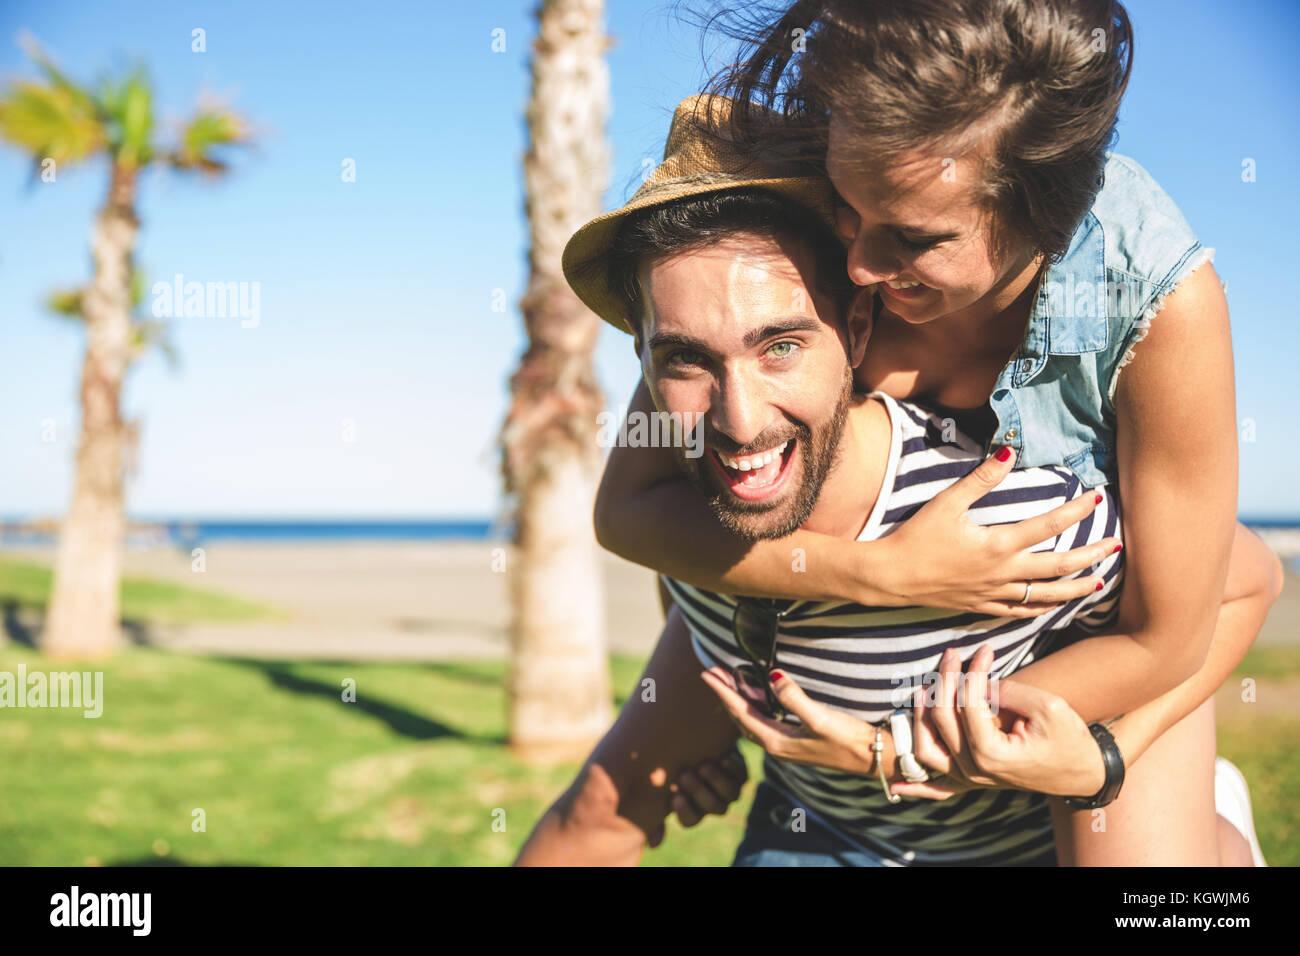 Portrait von glücklichen Mann seine Freundin piggyback Ride geben Stockbild